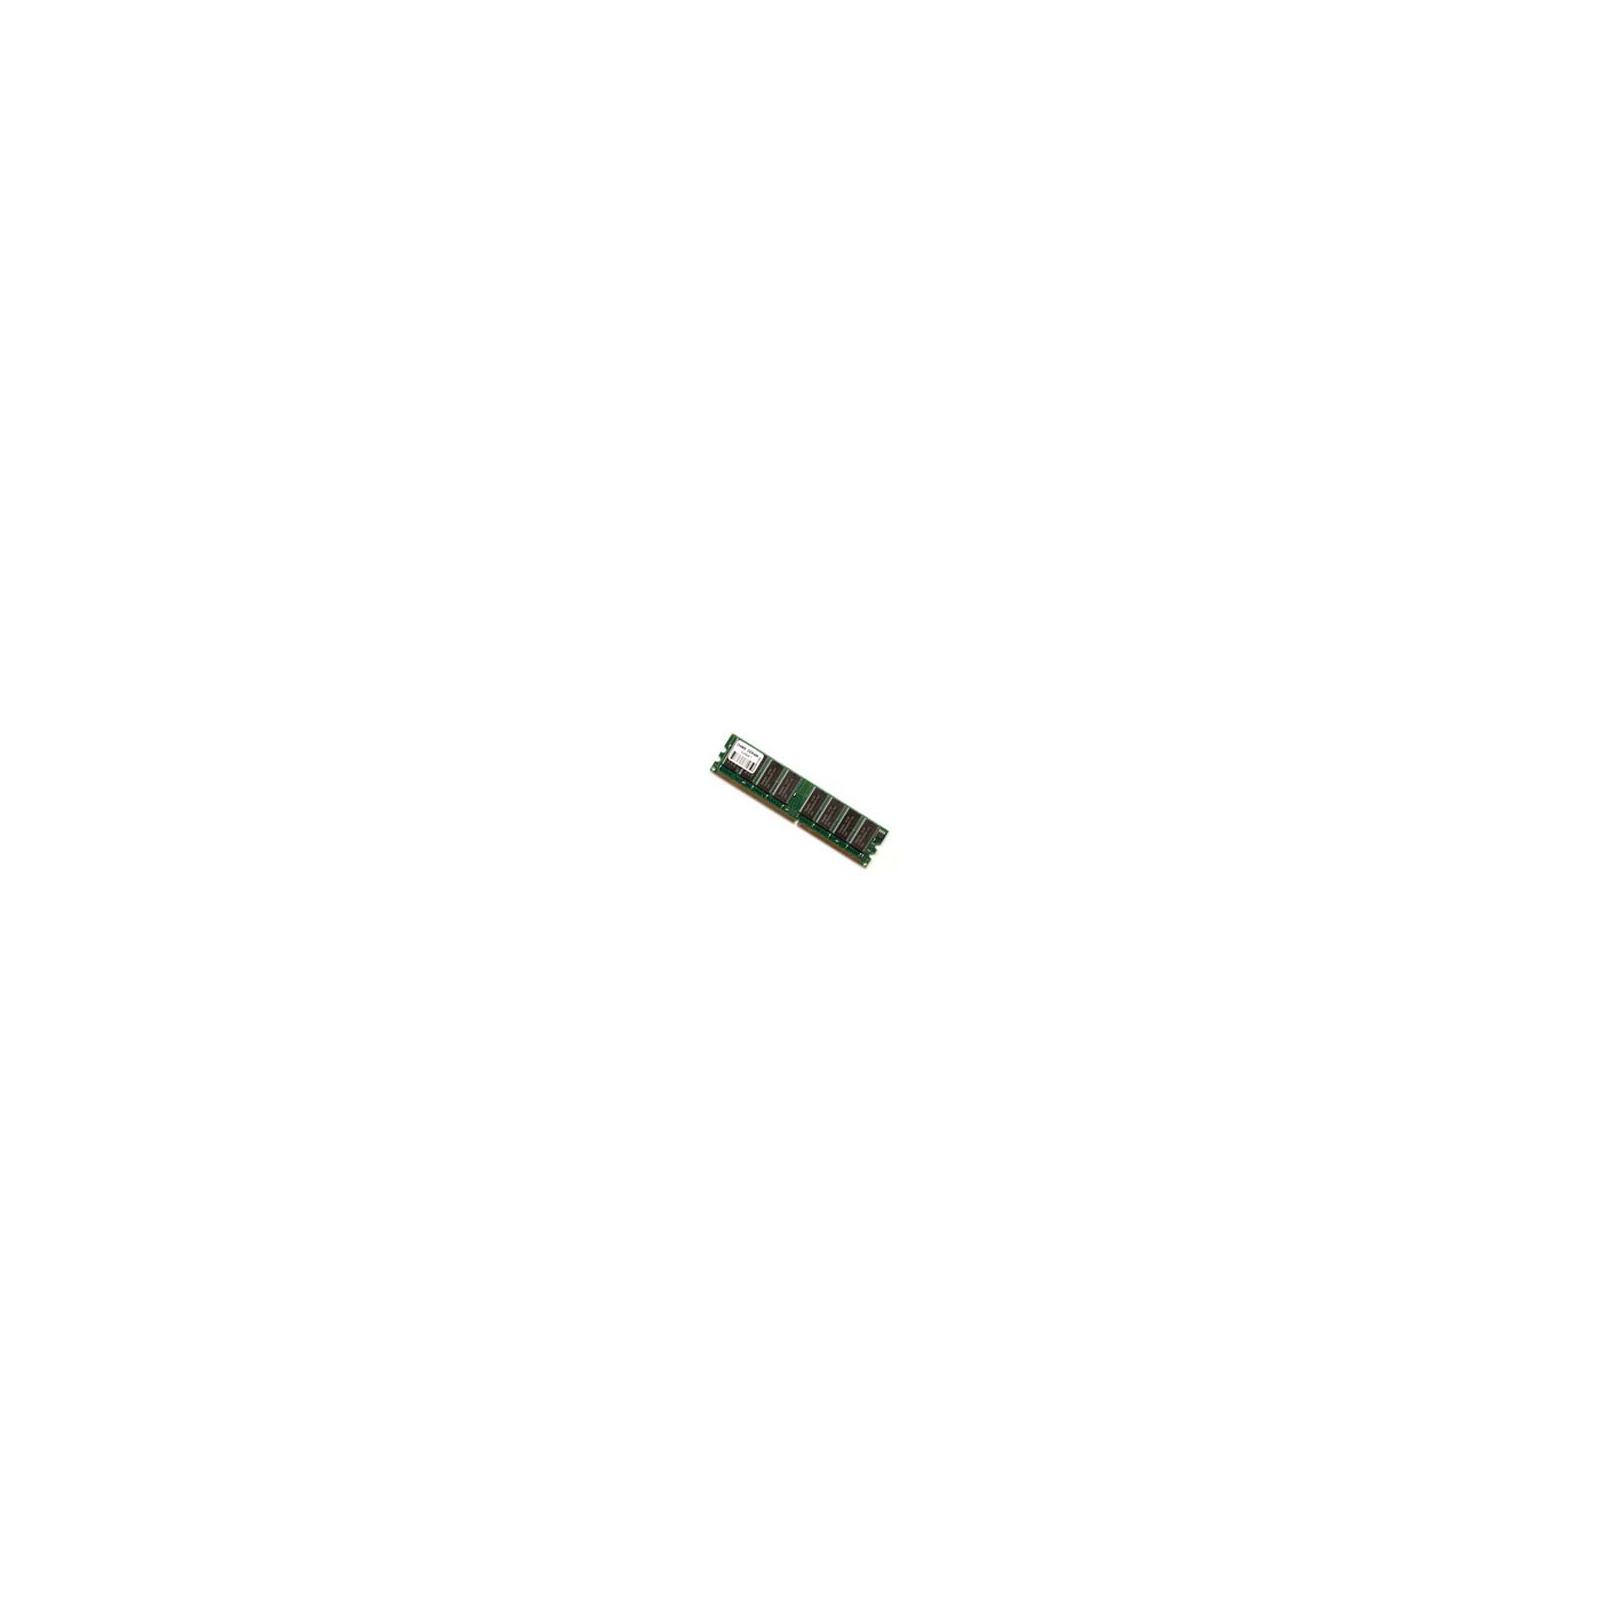 Модуль памяти для компьютера DDR2 4GB 800 MHz Hynix (HMP351U6AFR8C-S6 / HMP351U6AFR8C-S5)